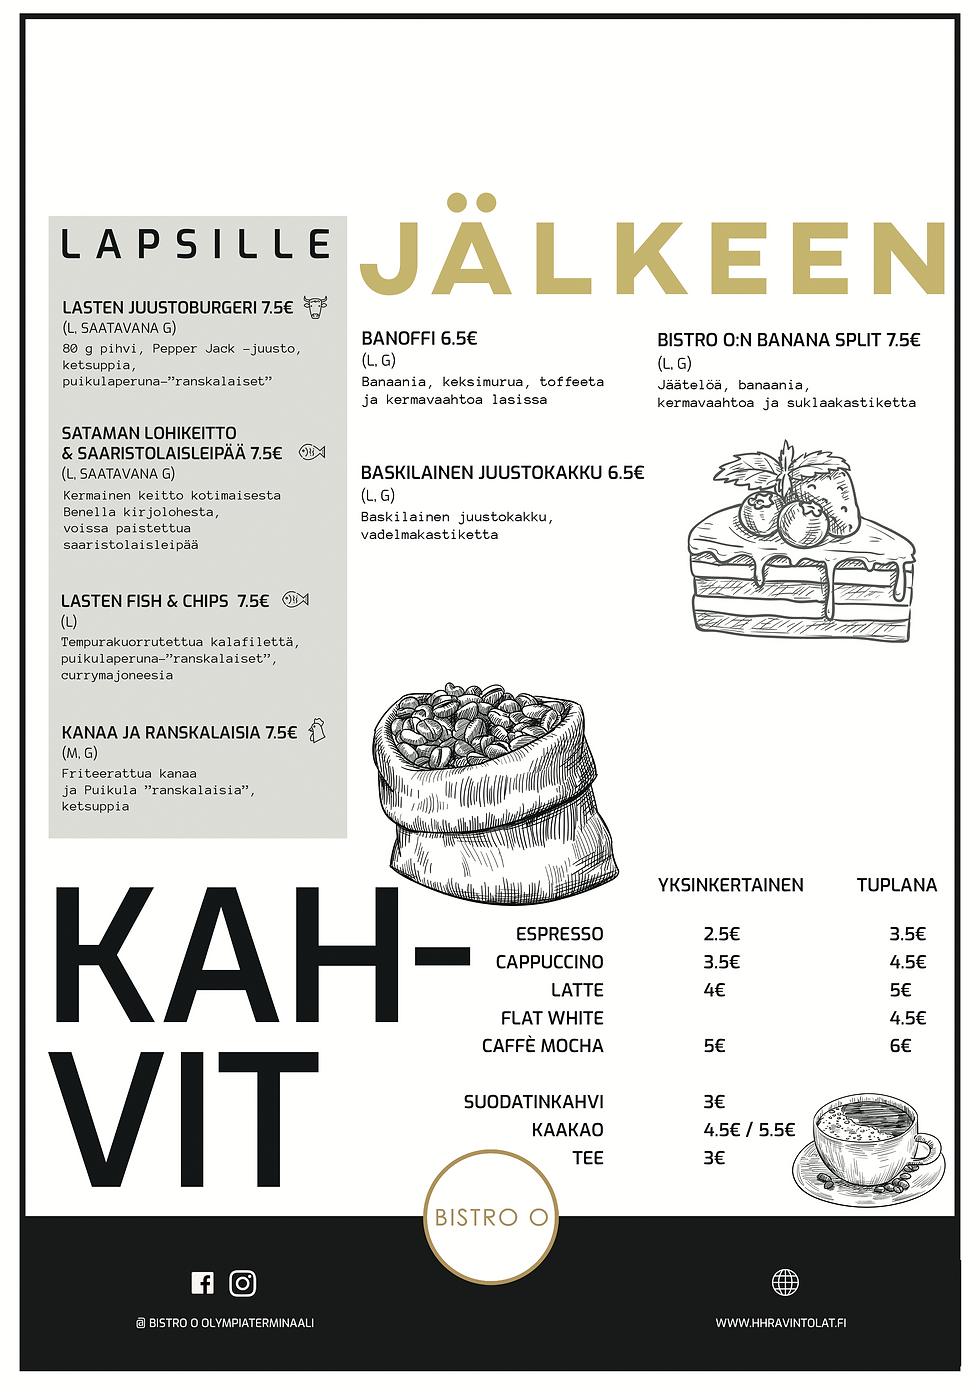 JÄLEUUSI.png